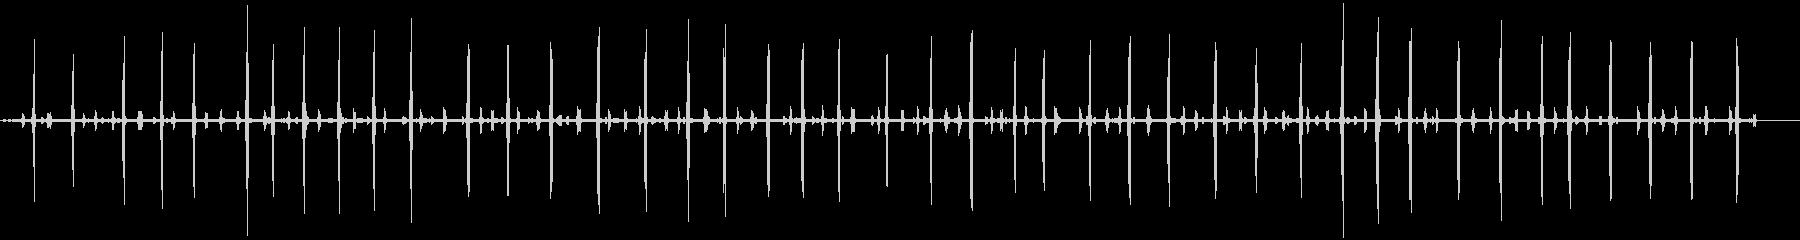 いくつかのクリケットをクリックして...の未再生の波形